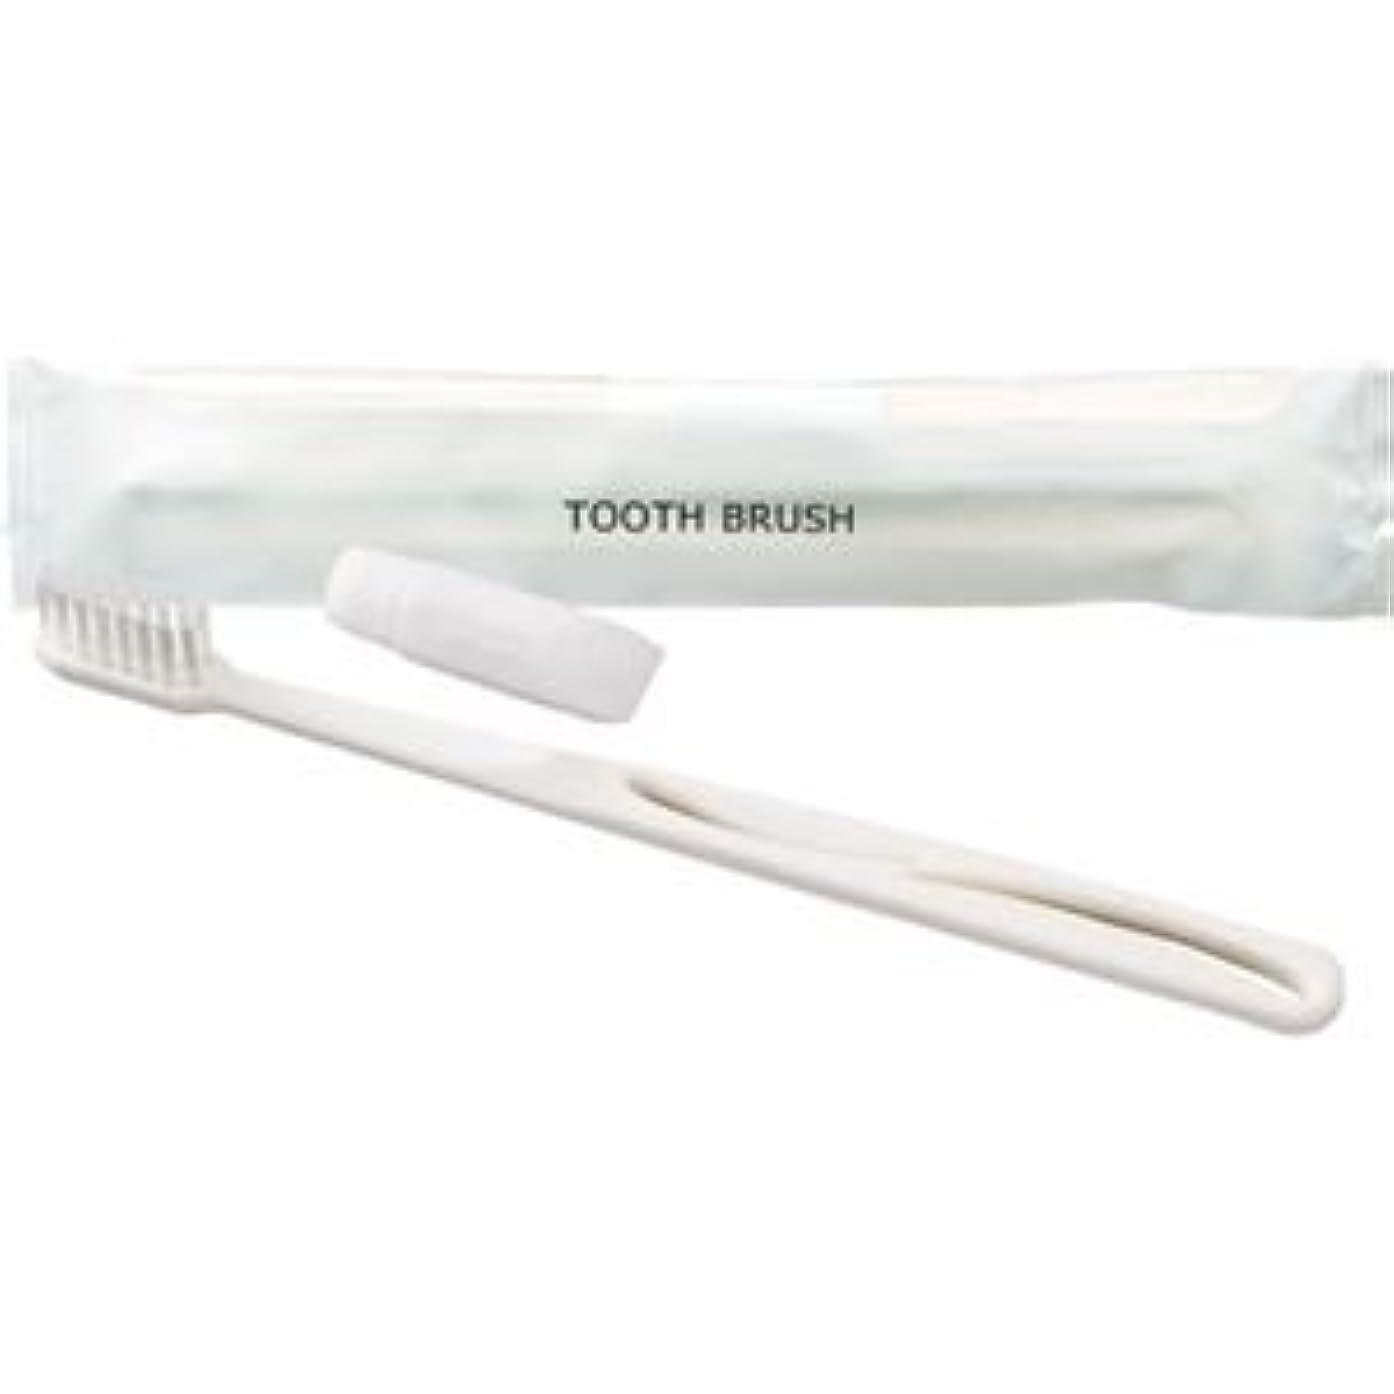 群衆の間で損なう(まとめ) 歯ブラシセット 1セット(50個) 【×3セット】